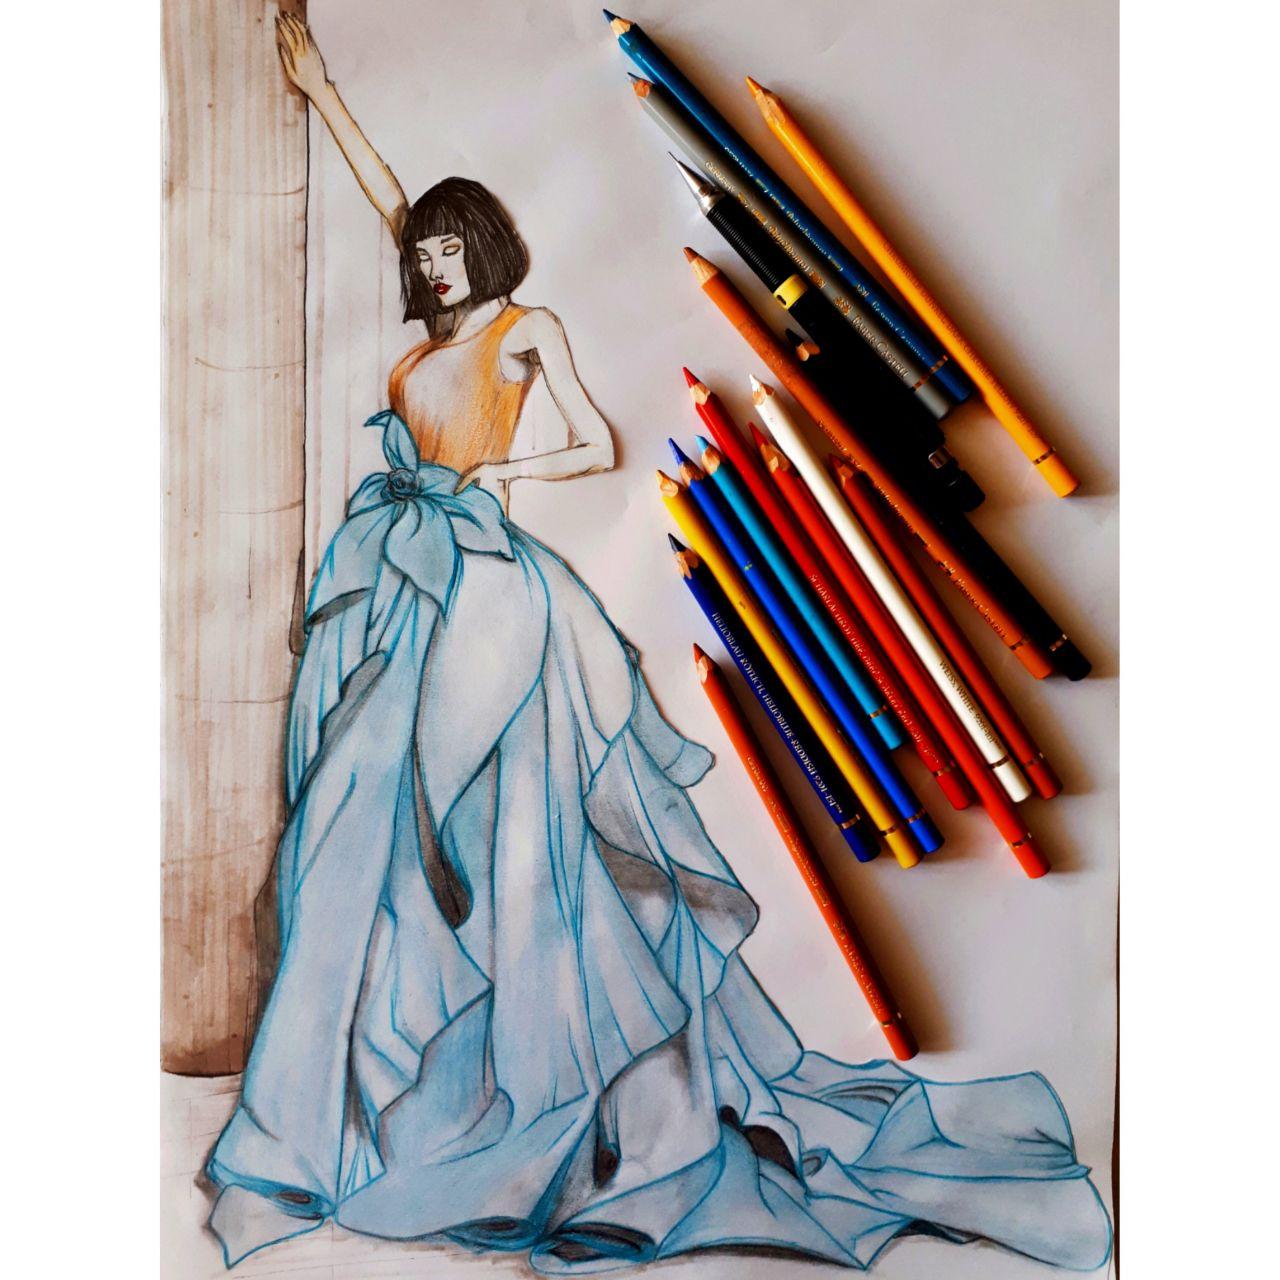 آموزشگاه پیشکسوتان - محدثه کریمی -لباس مجلسی مداد رنگی